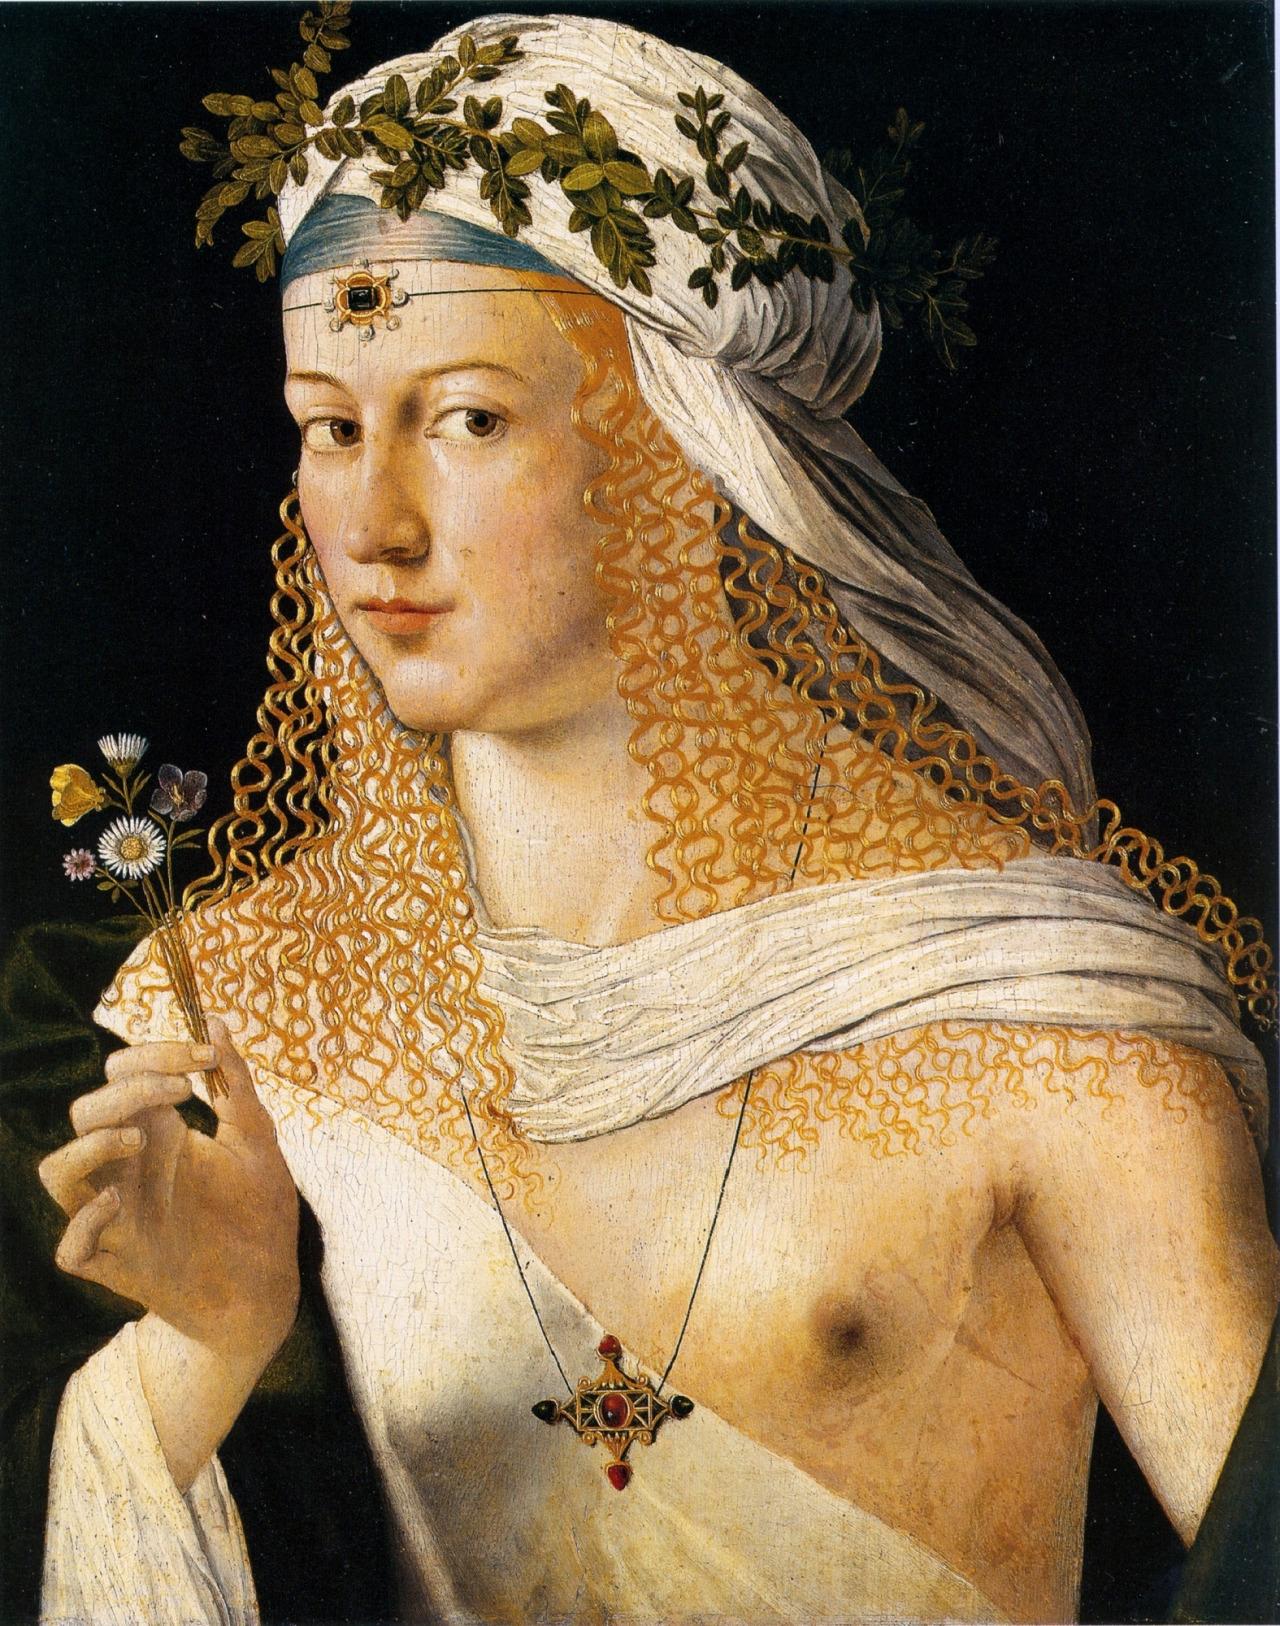 Per alcuni storici dell'arte il Ritratto di Flora di Bartolomeo Veneto rappresenta Lucrezia Borgia